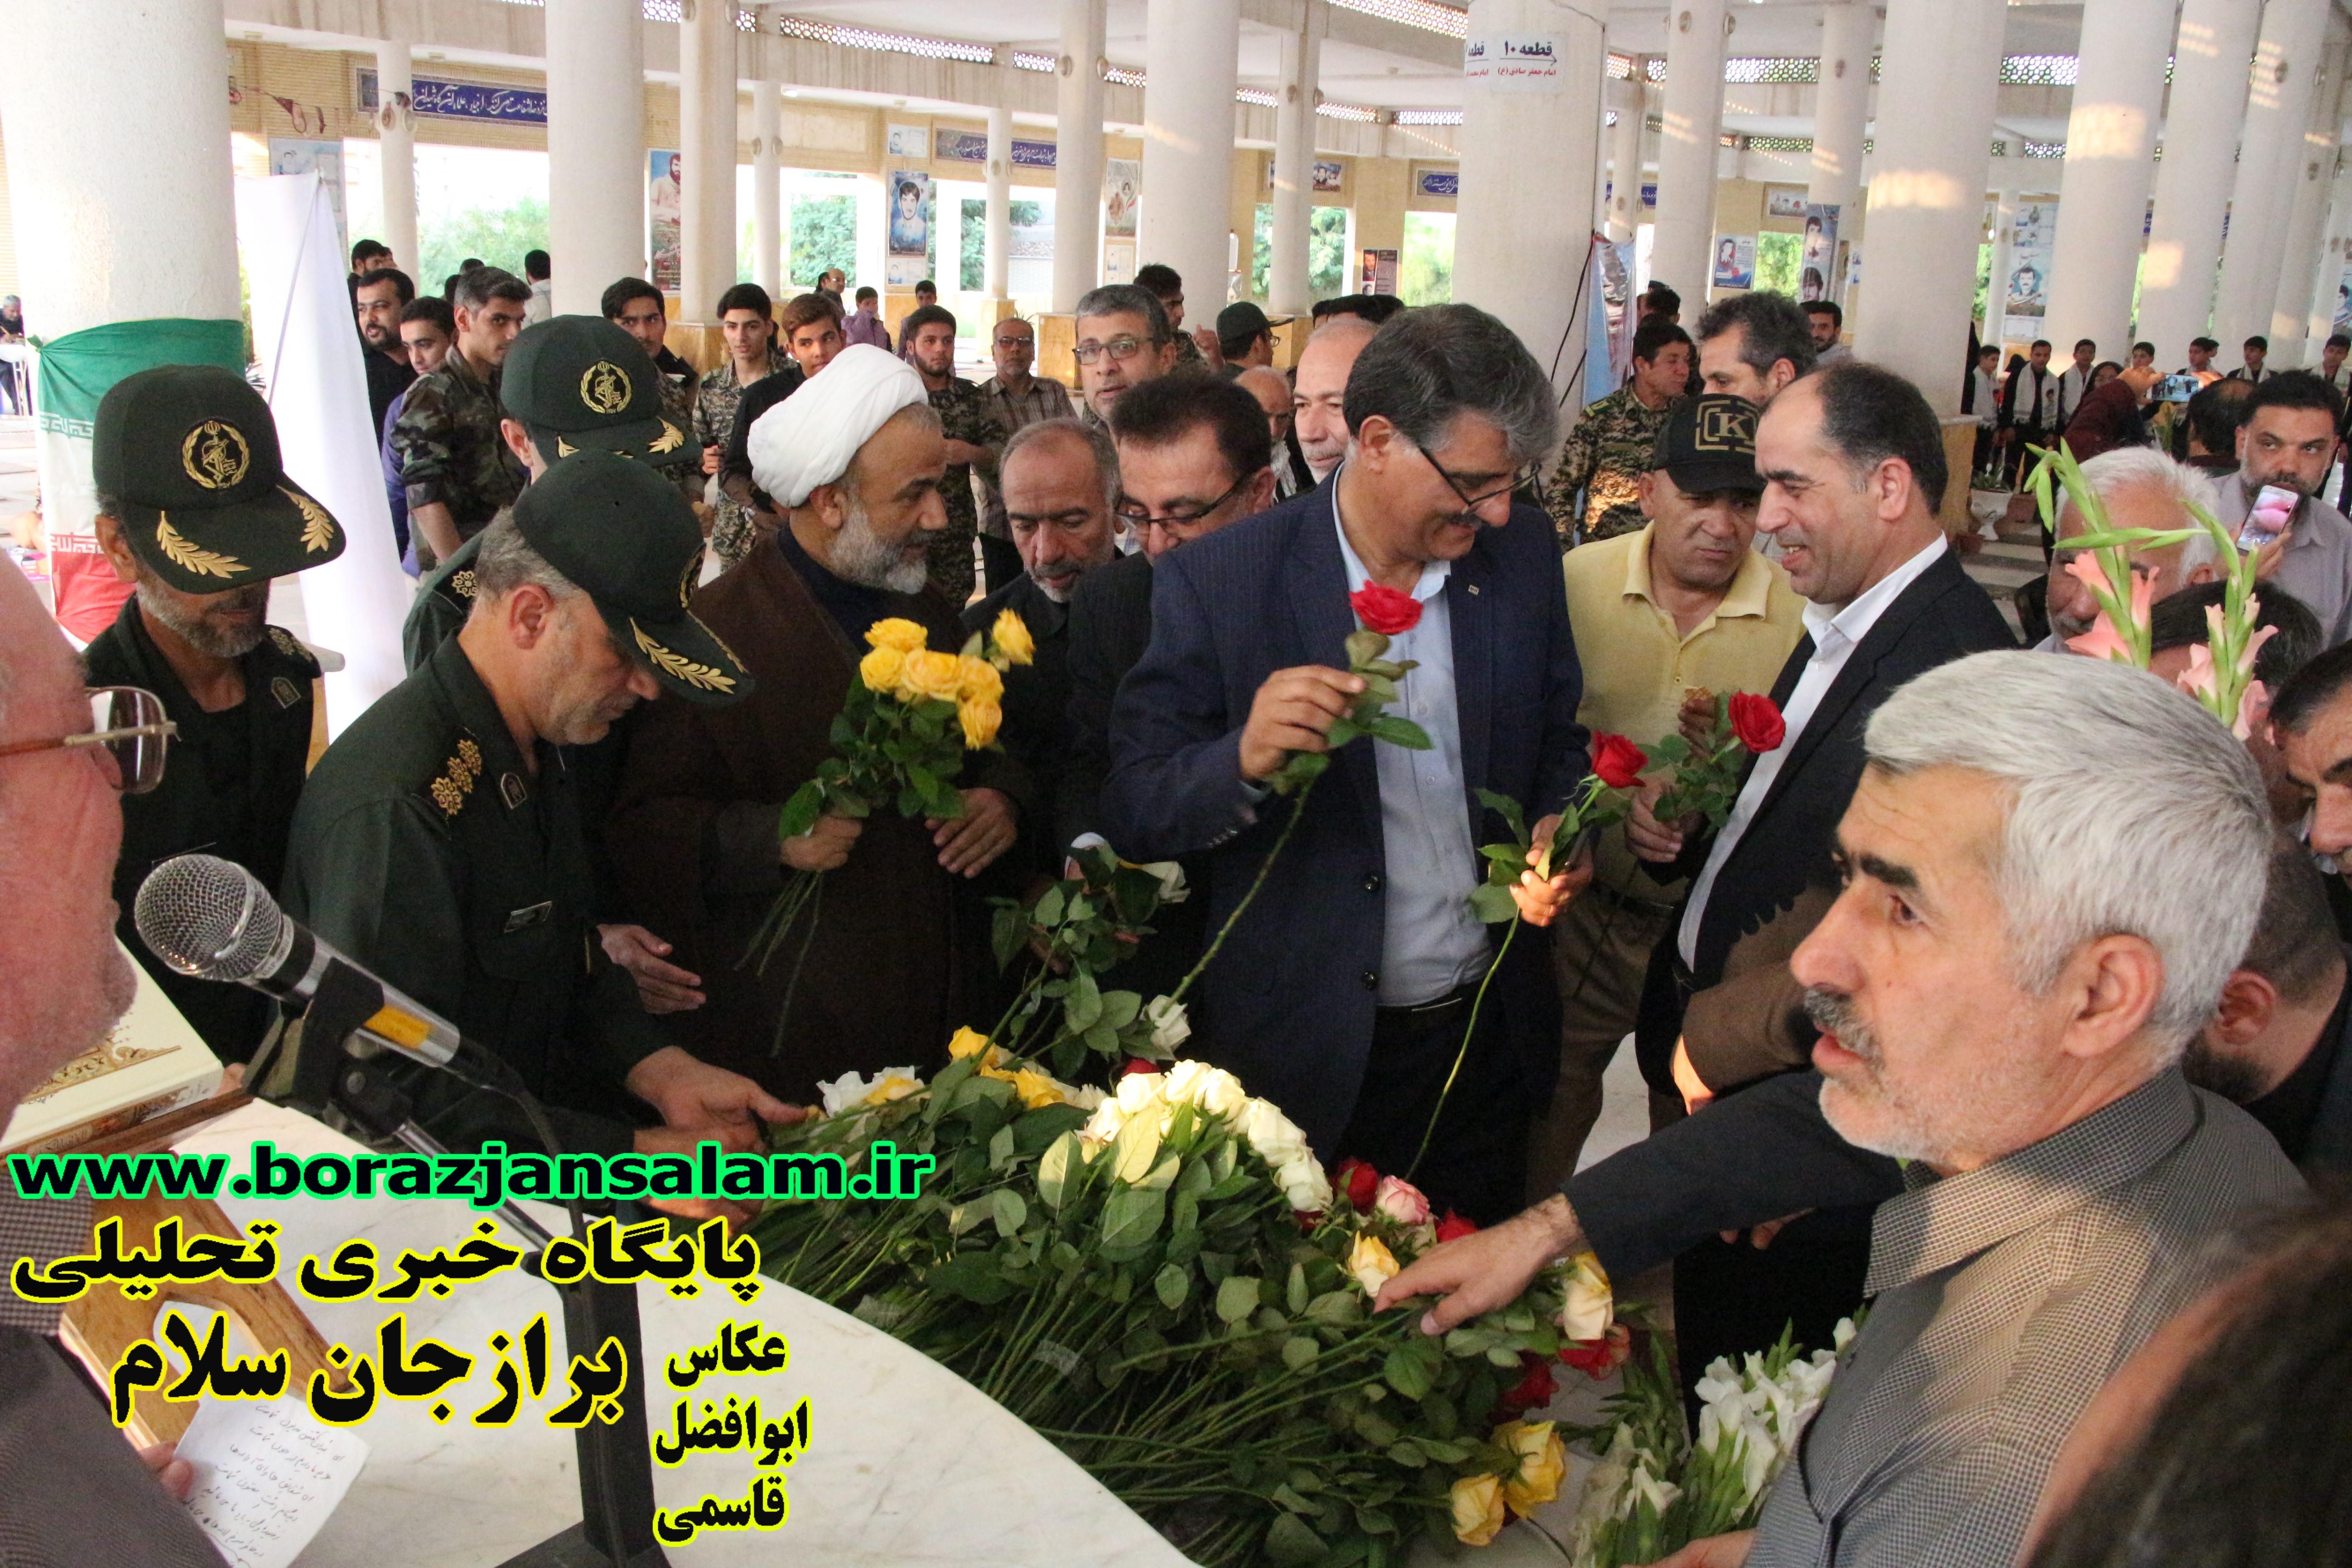 گل افشانی هفته دفاع مقدس در بهشت سجاد برازجان برگزار شد .